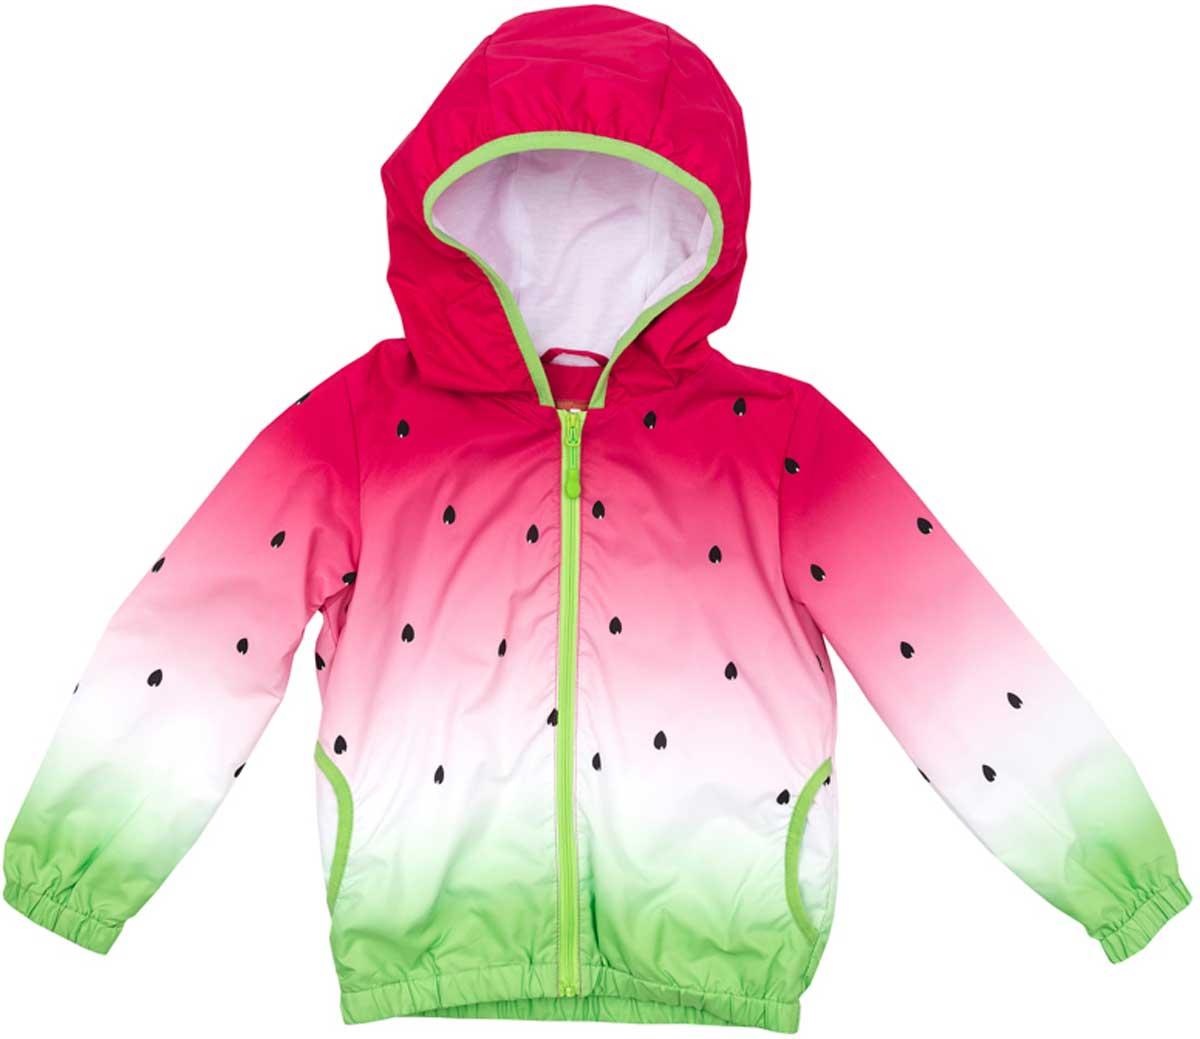 Ветровка172152Практичная ветровка яркой сочной расцветки со специальной водоотталкивающей пропиткой защитит вашего ребенка в любую погоду! Мягкие резинки на рукавах и по низу изделия защитят ребенка - ветер не сможет проникнуть под ветровку. Модель с резинкой на капюшоне - даже во время активных игр капюшон не упадет с головы ребенка.